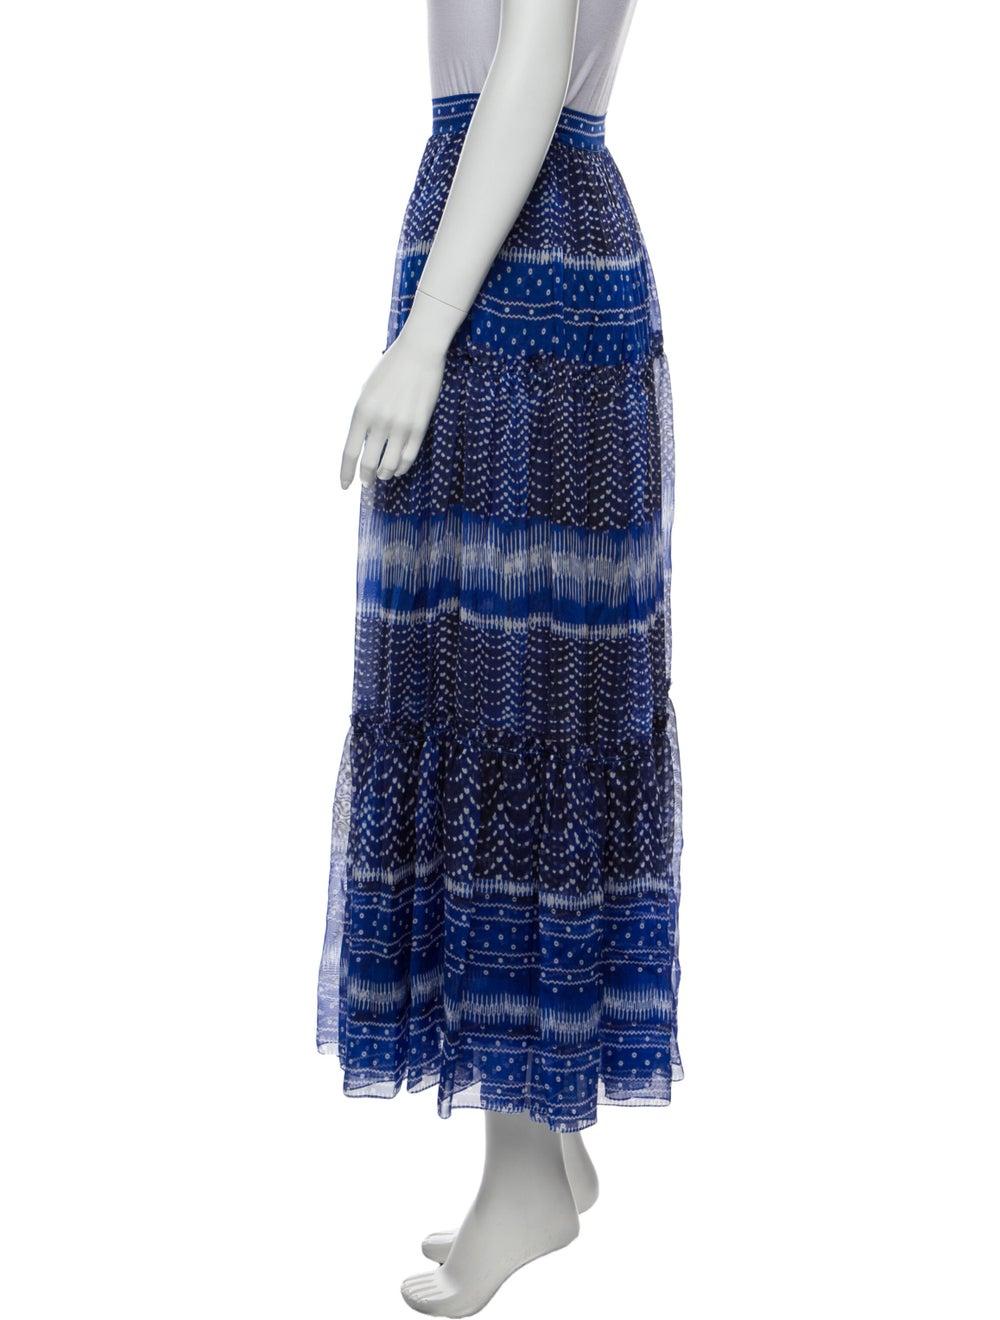 Plein Sud Printed Midi Length Skirt Blue - image 2